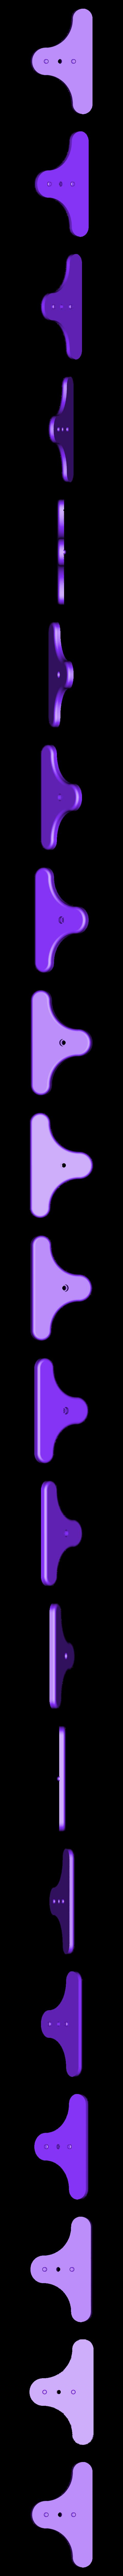 pedestal.stl Download free STL file Beltless motorized camera slider • 3D print object, Tuitxy